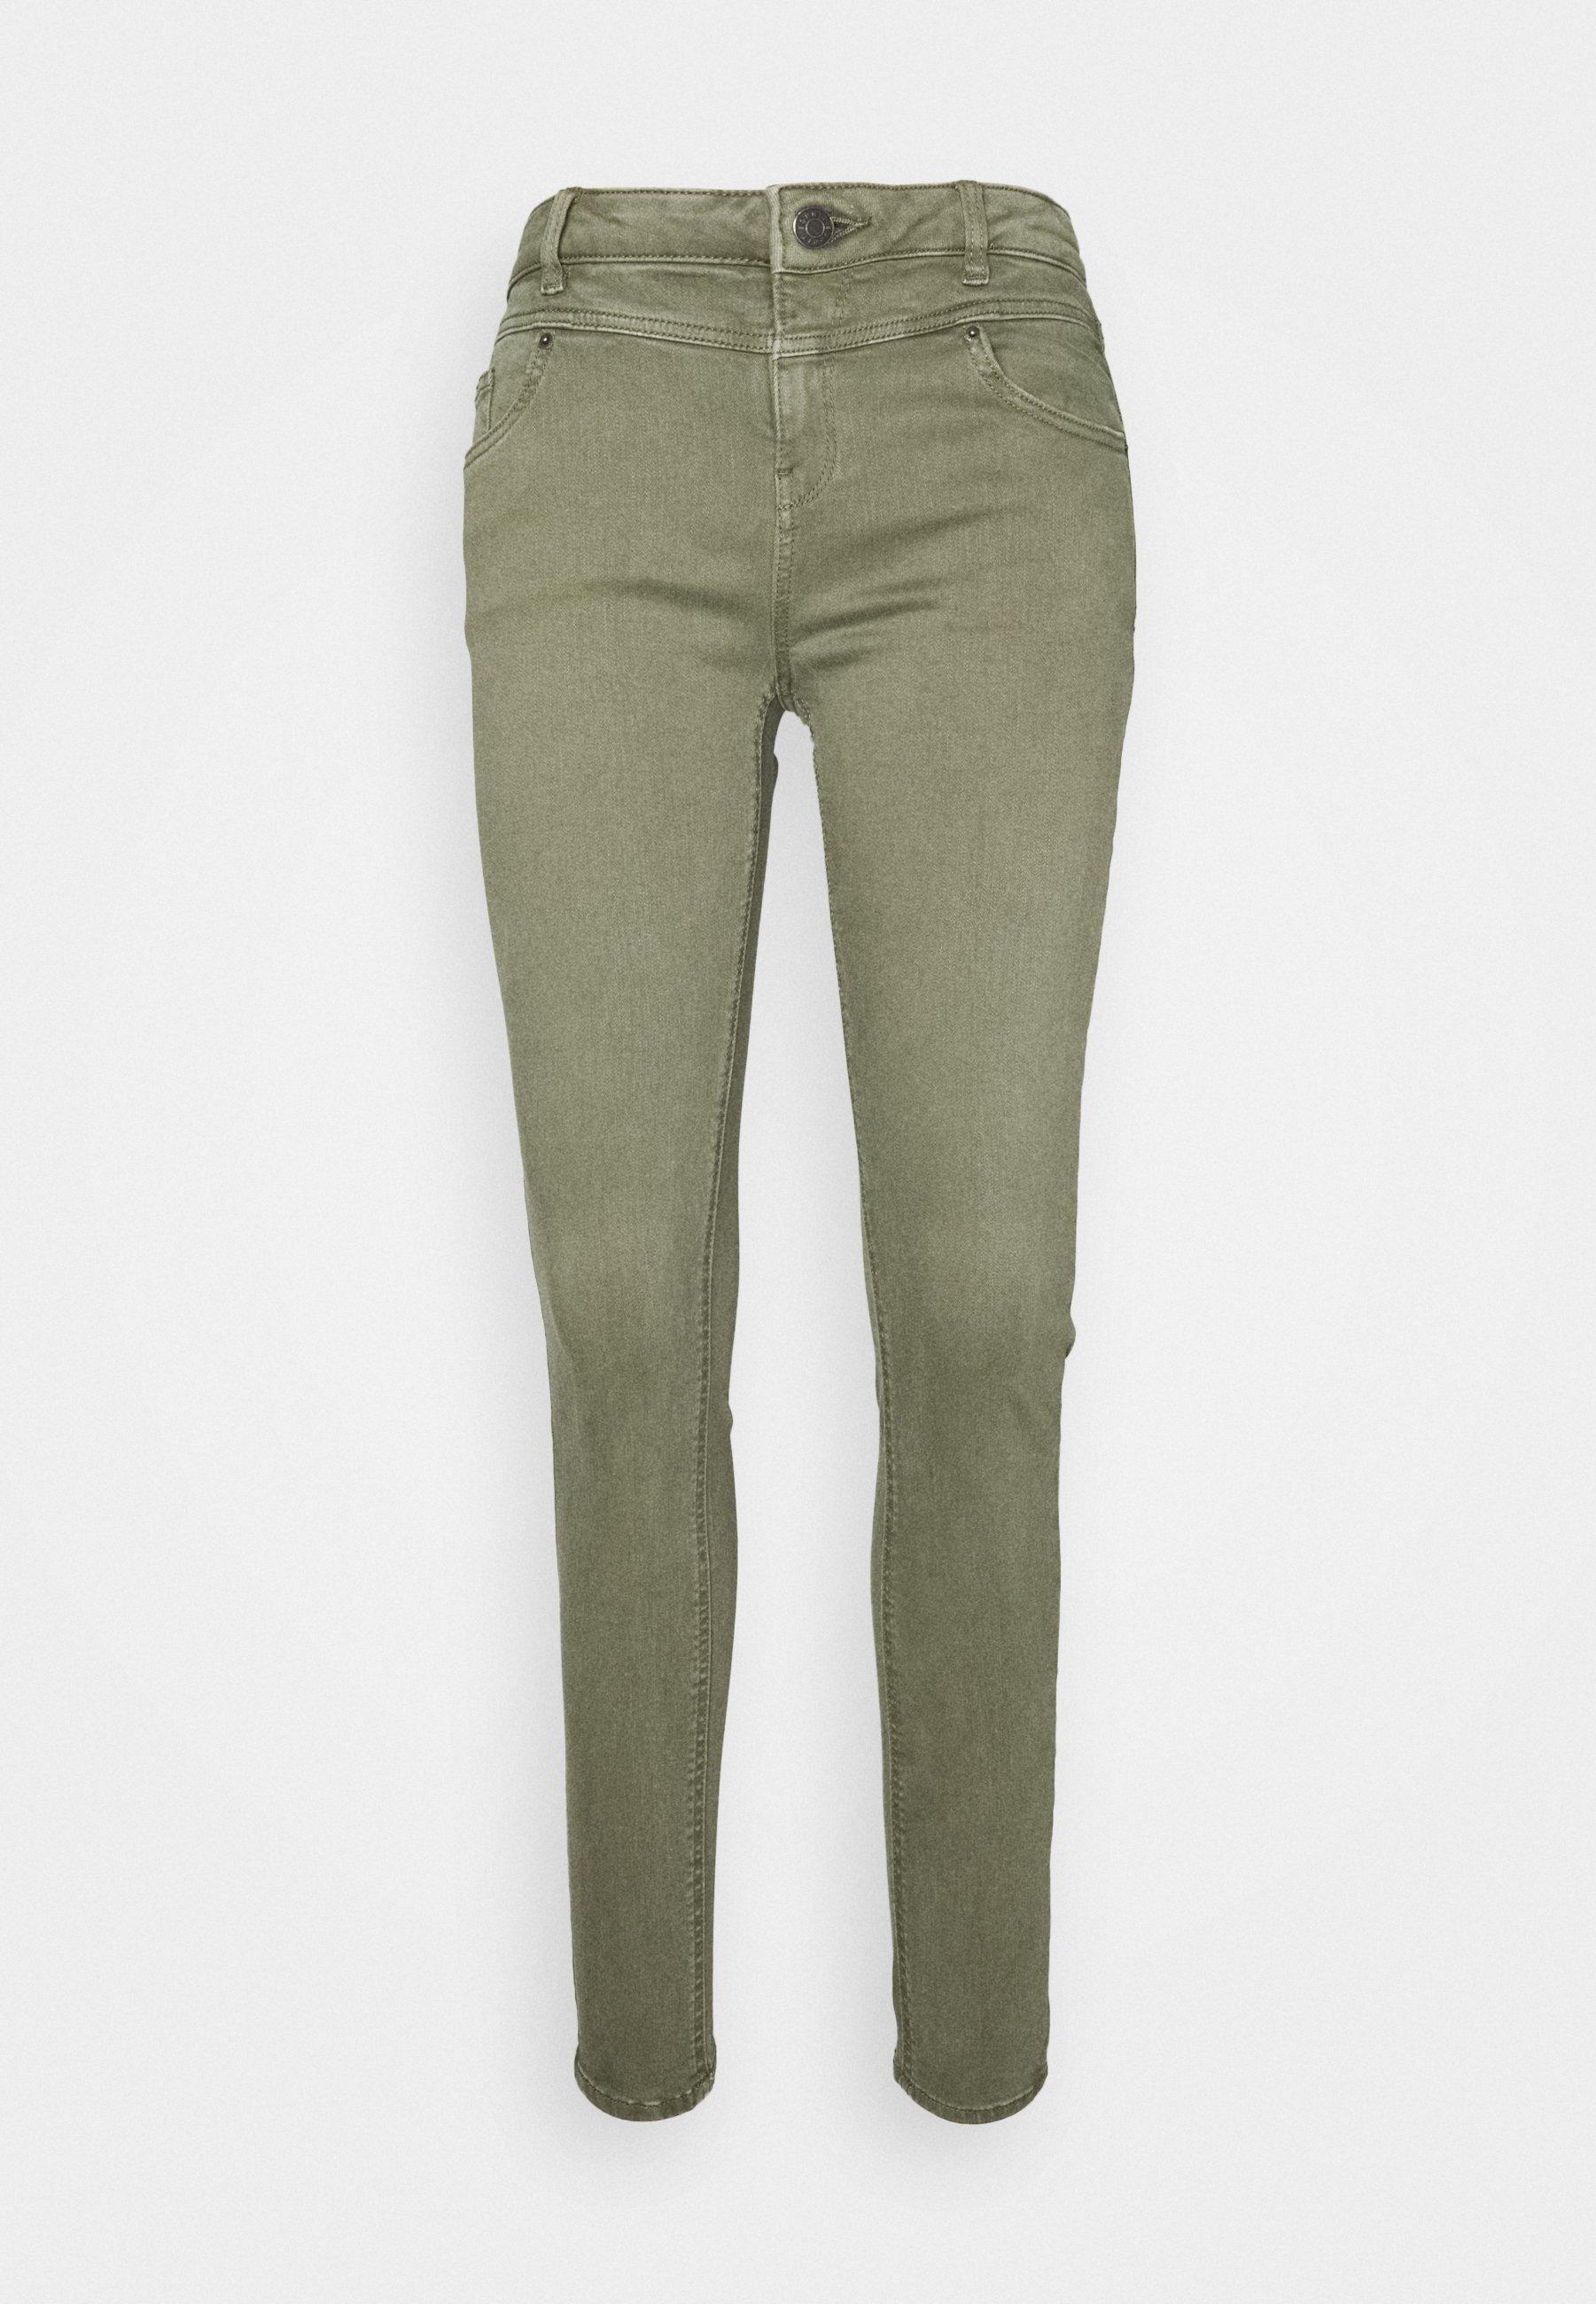 Esprit Jeans für Damen versandkostenfrei kaufen | ZALANDO